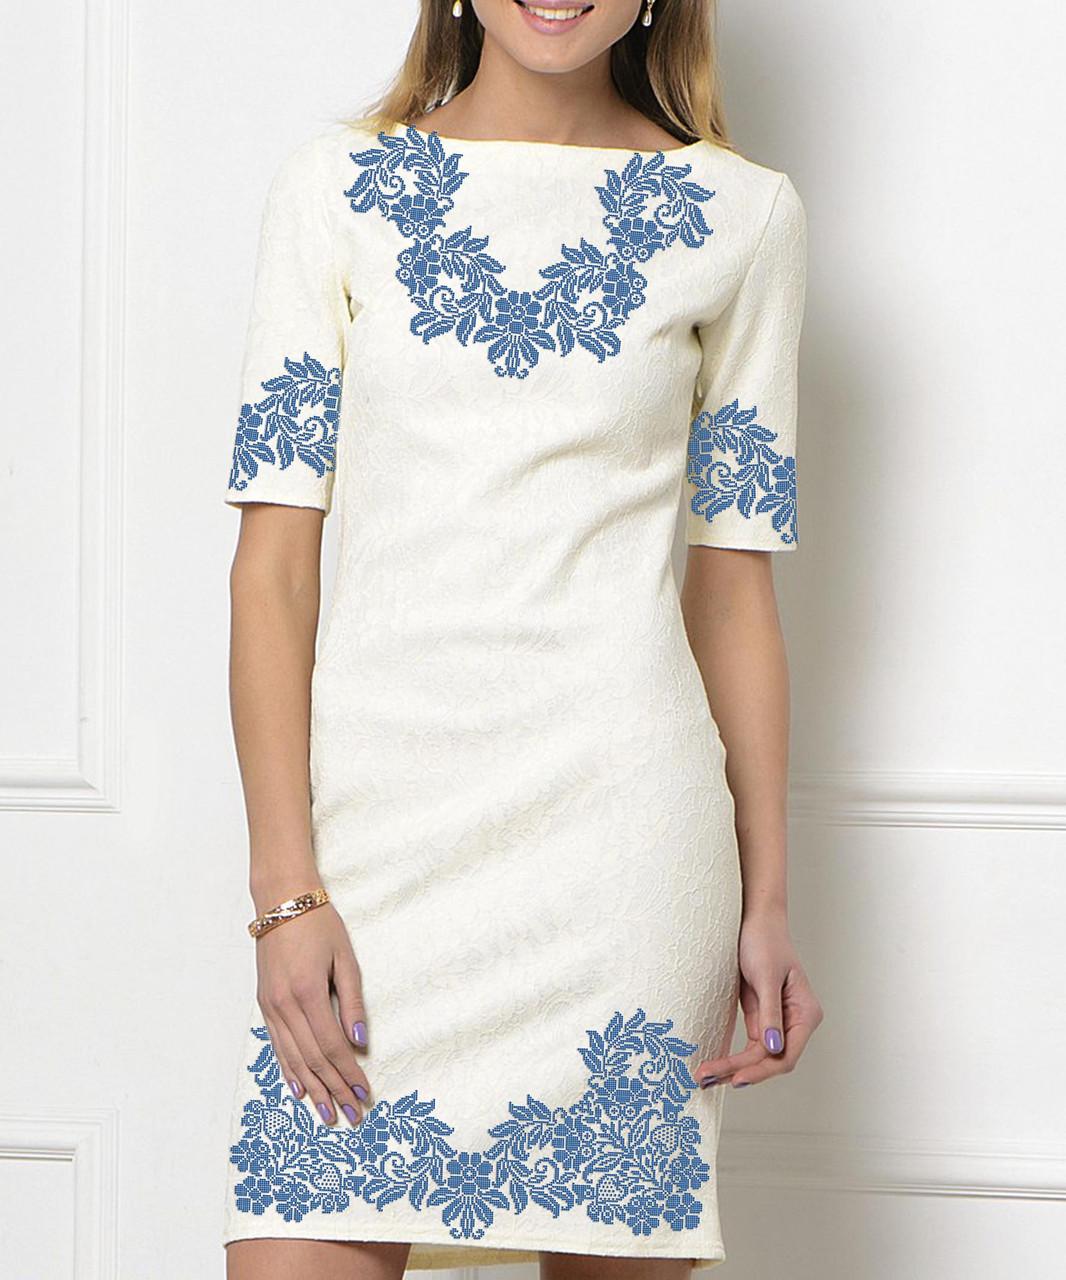 Заготовка жіночого плаття чи сукні для вишивки та вишивання бісером Бисерок  «Синій вечір» (П-137 )